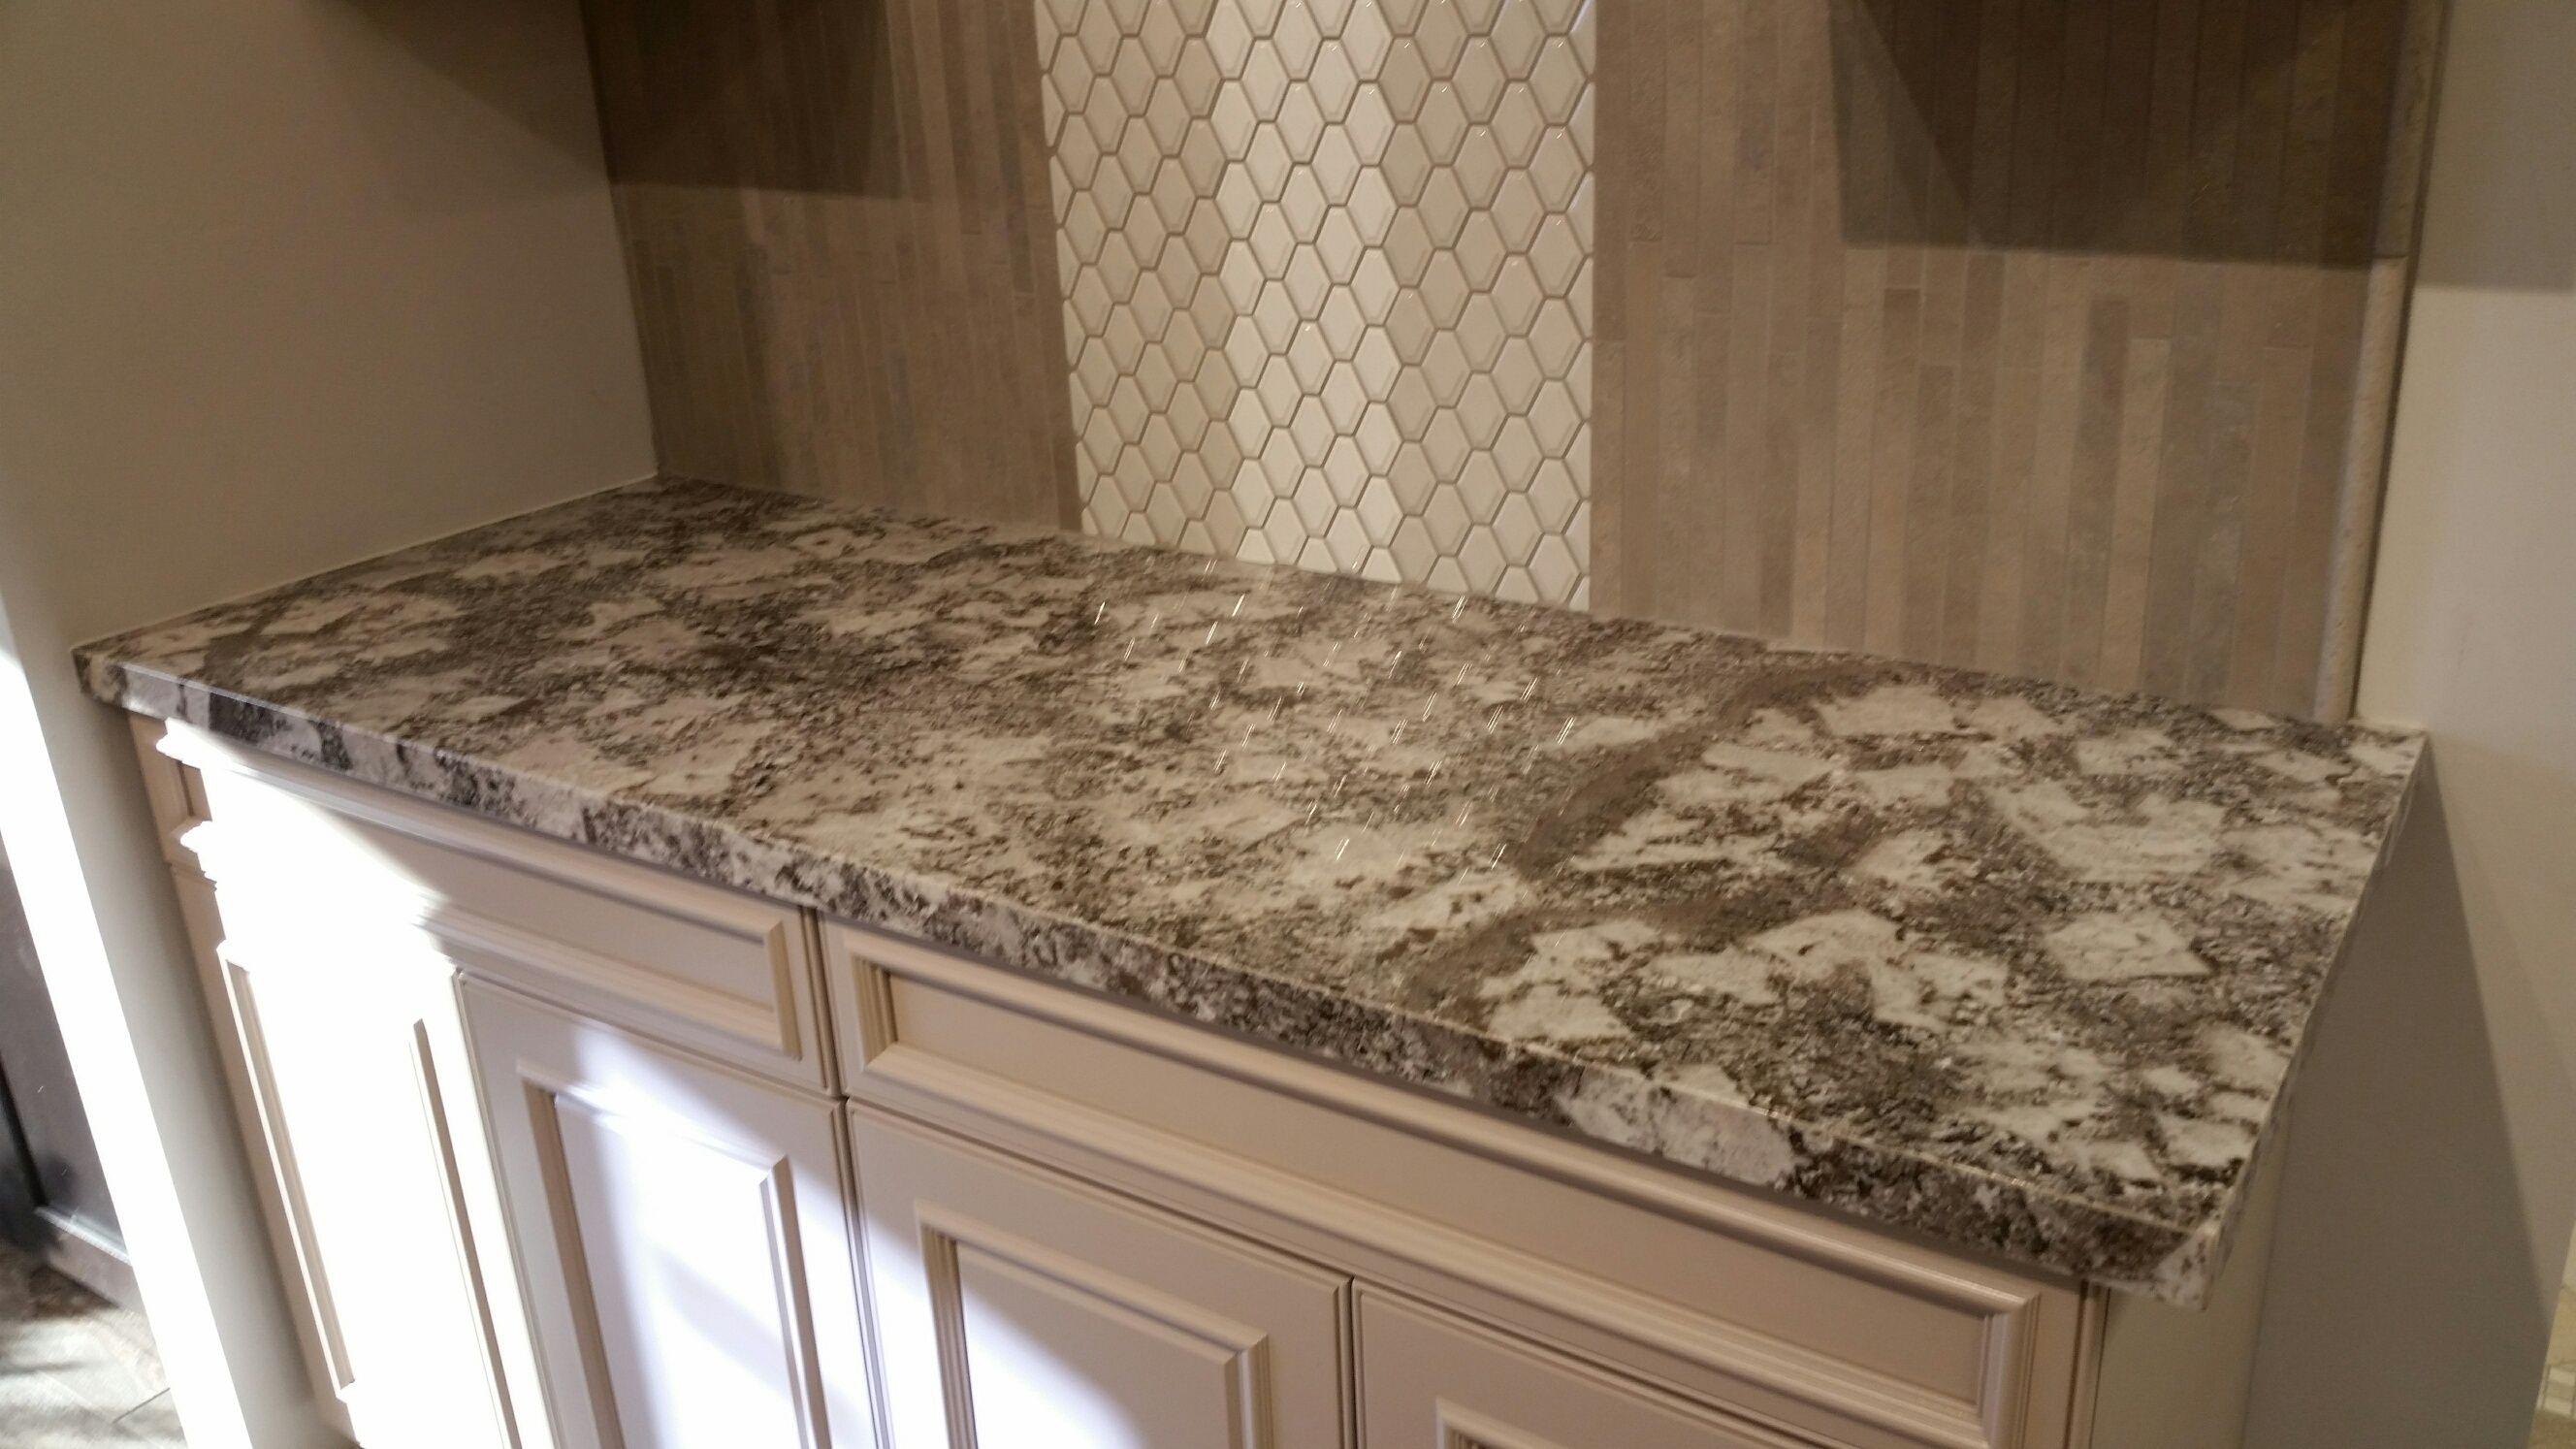 New granite countertops in anaheim bianco antico slab w for Romanix granite